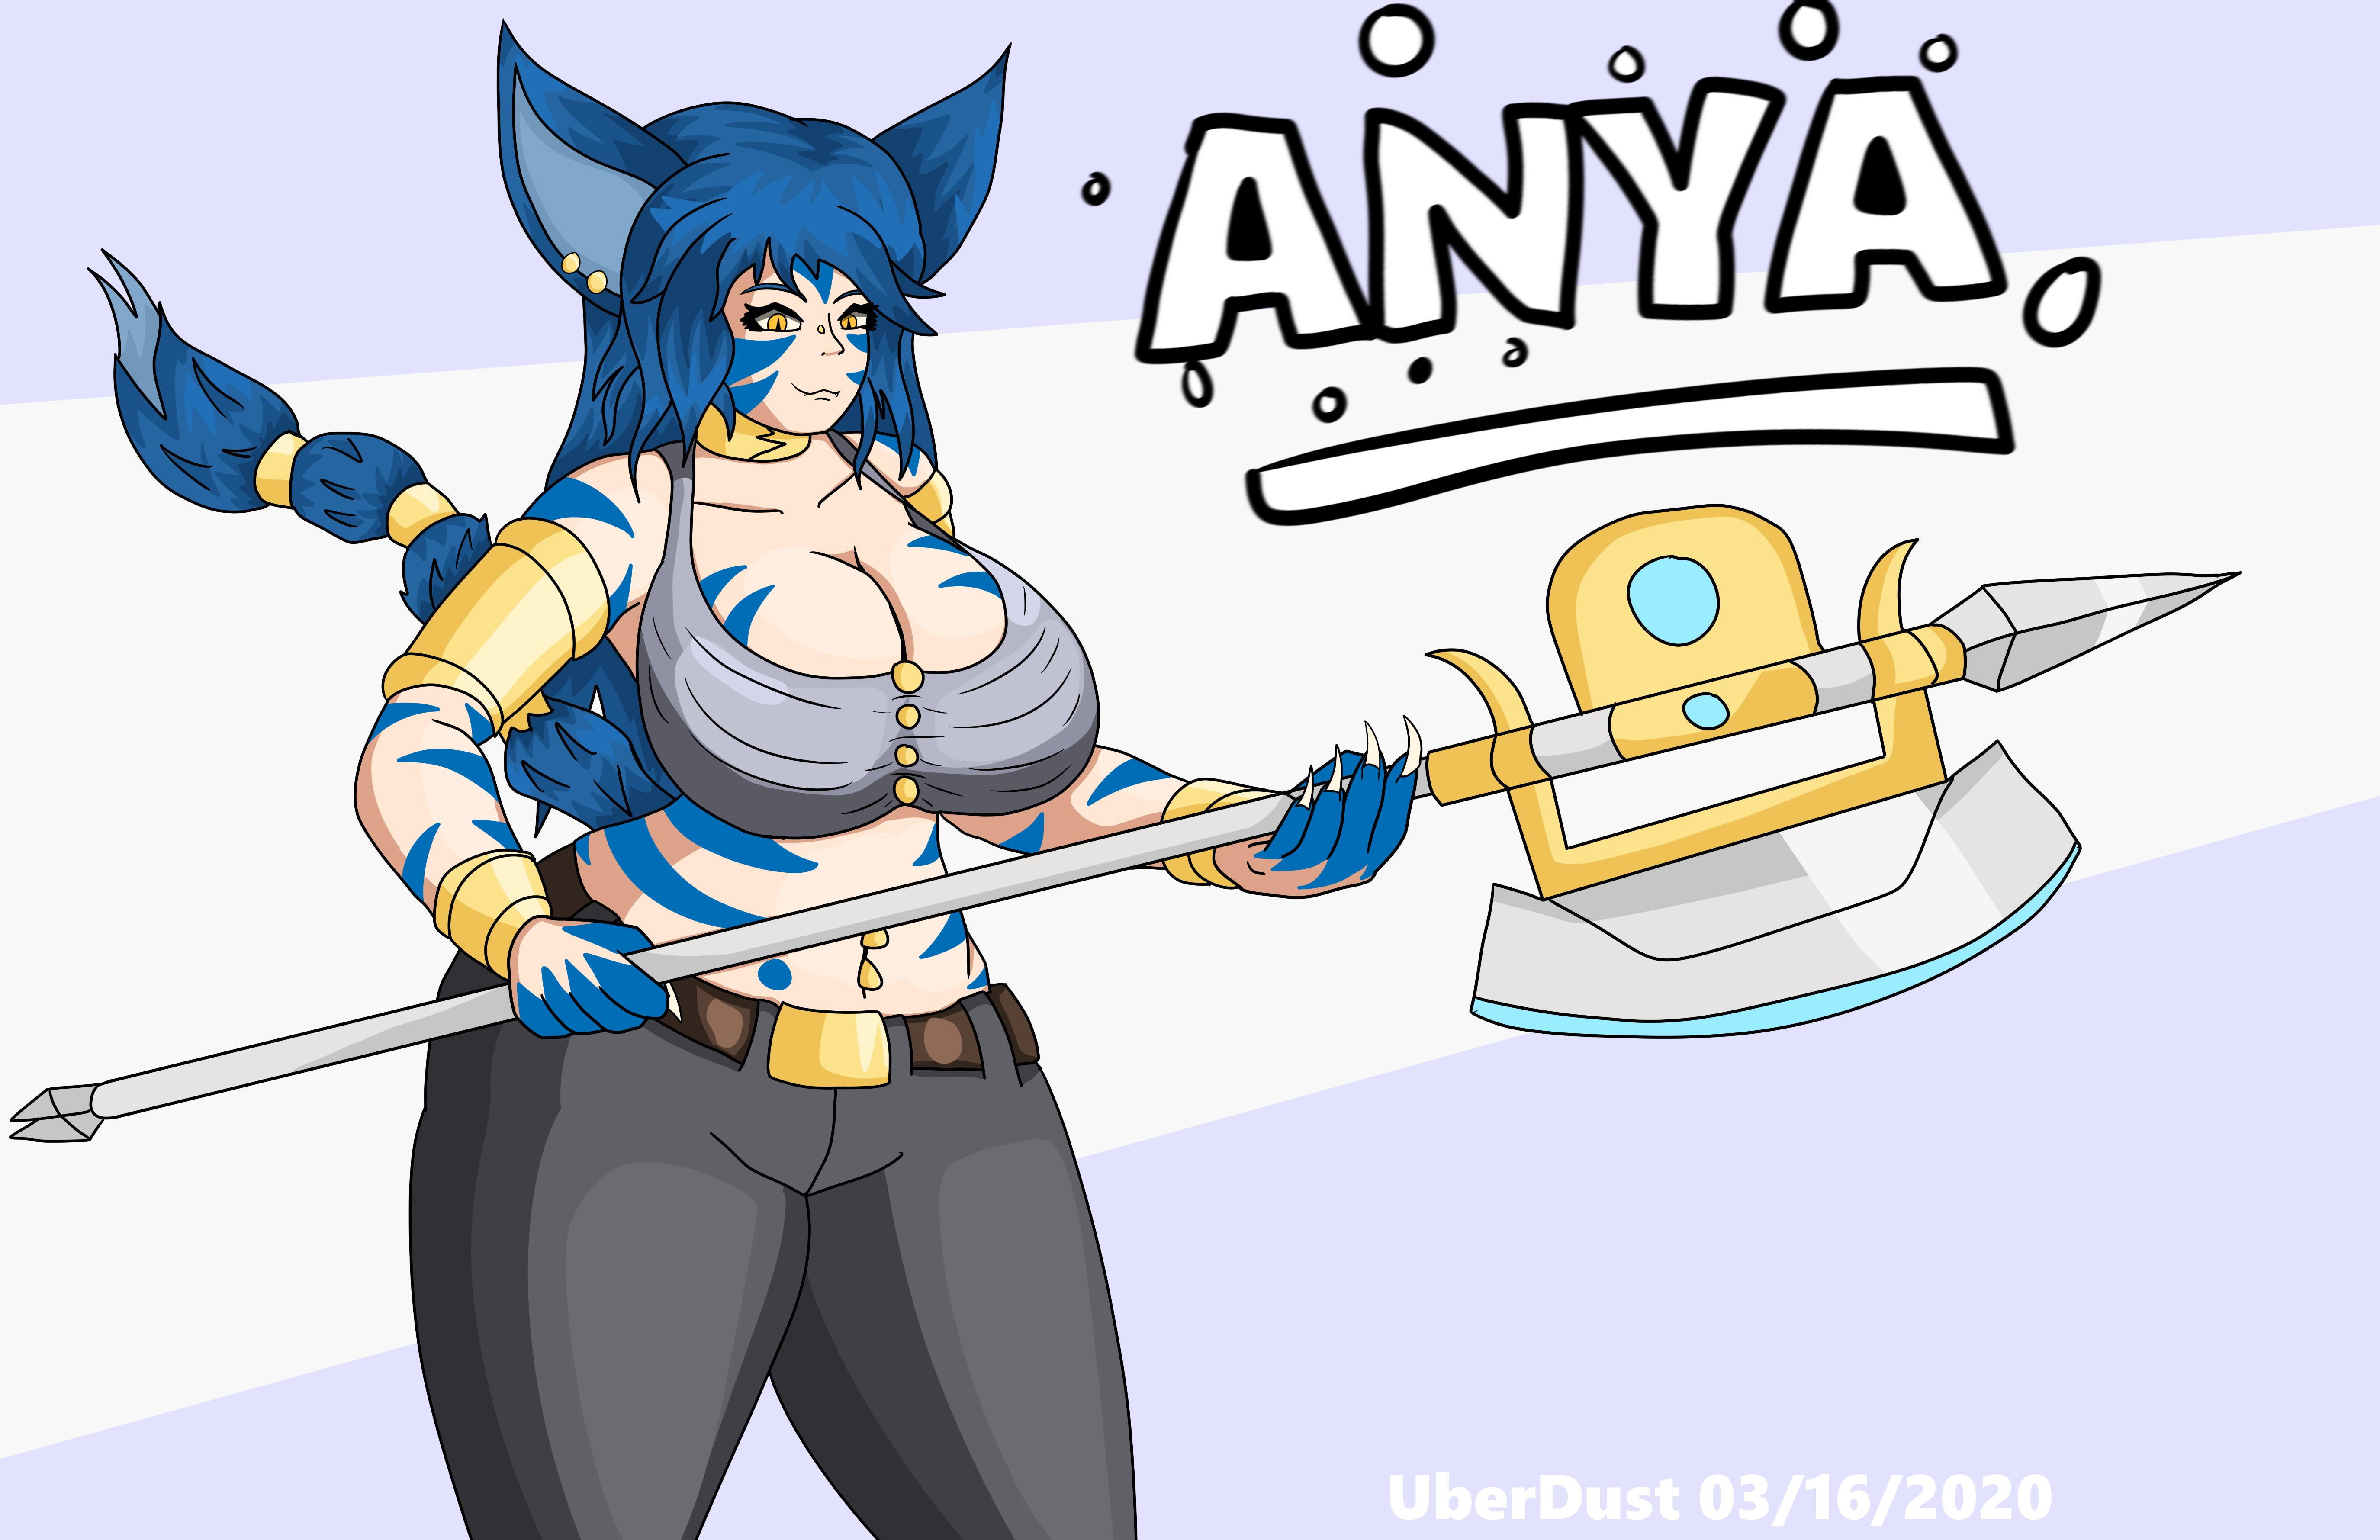 Anya by UberDust on Newgrounds